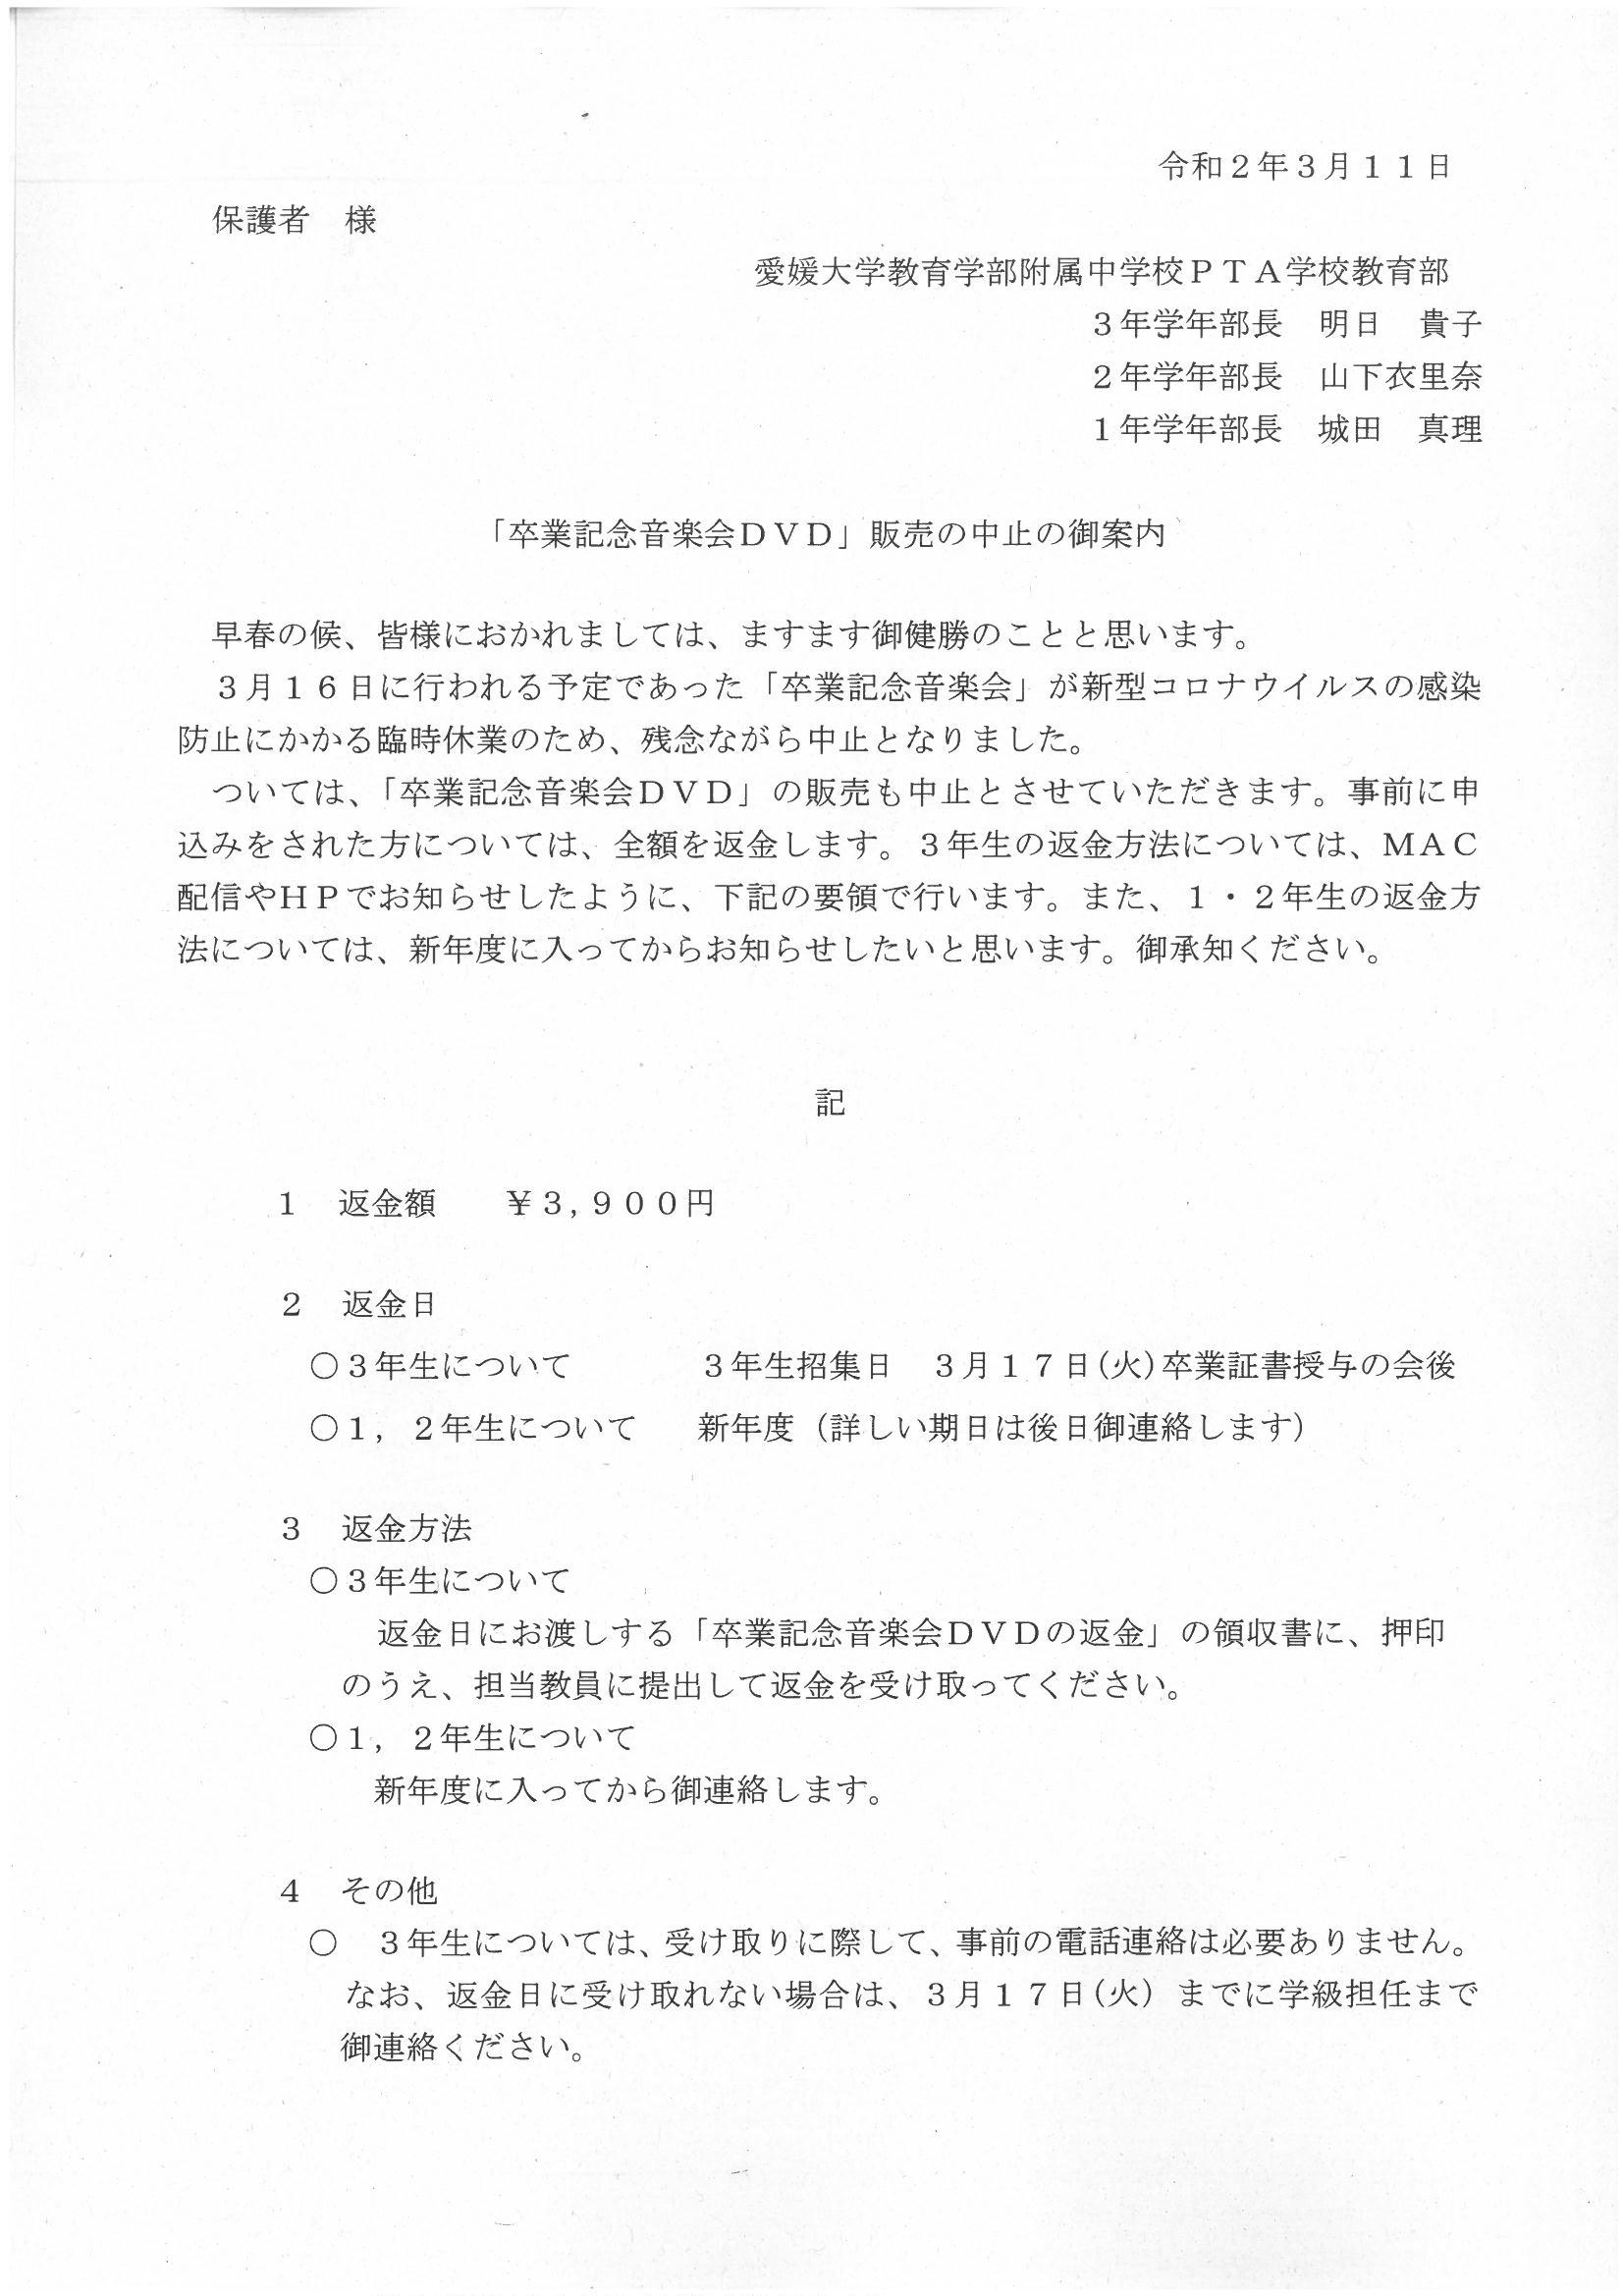 者 コロナ 愛媛 県 数 感染